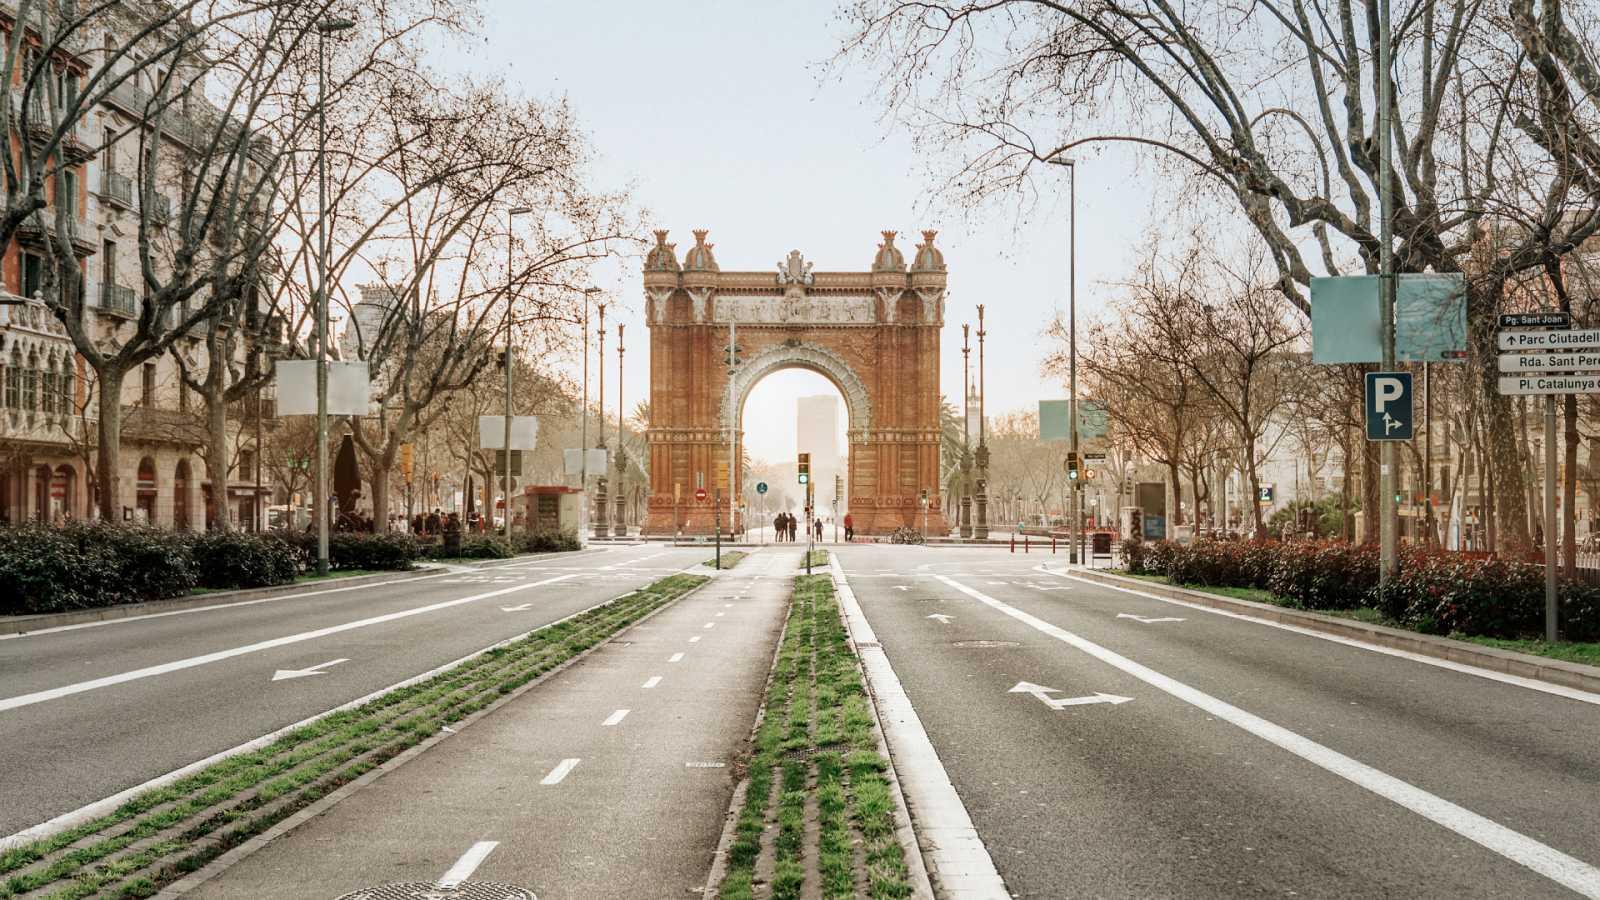 24 horas - Barcelona: ¿cómo recuperarán sus calles la normalidad? - Escuchar ahora